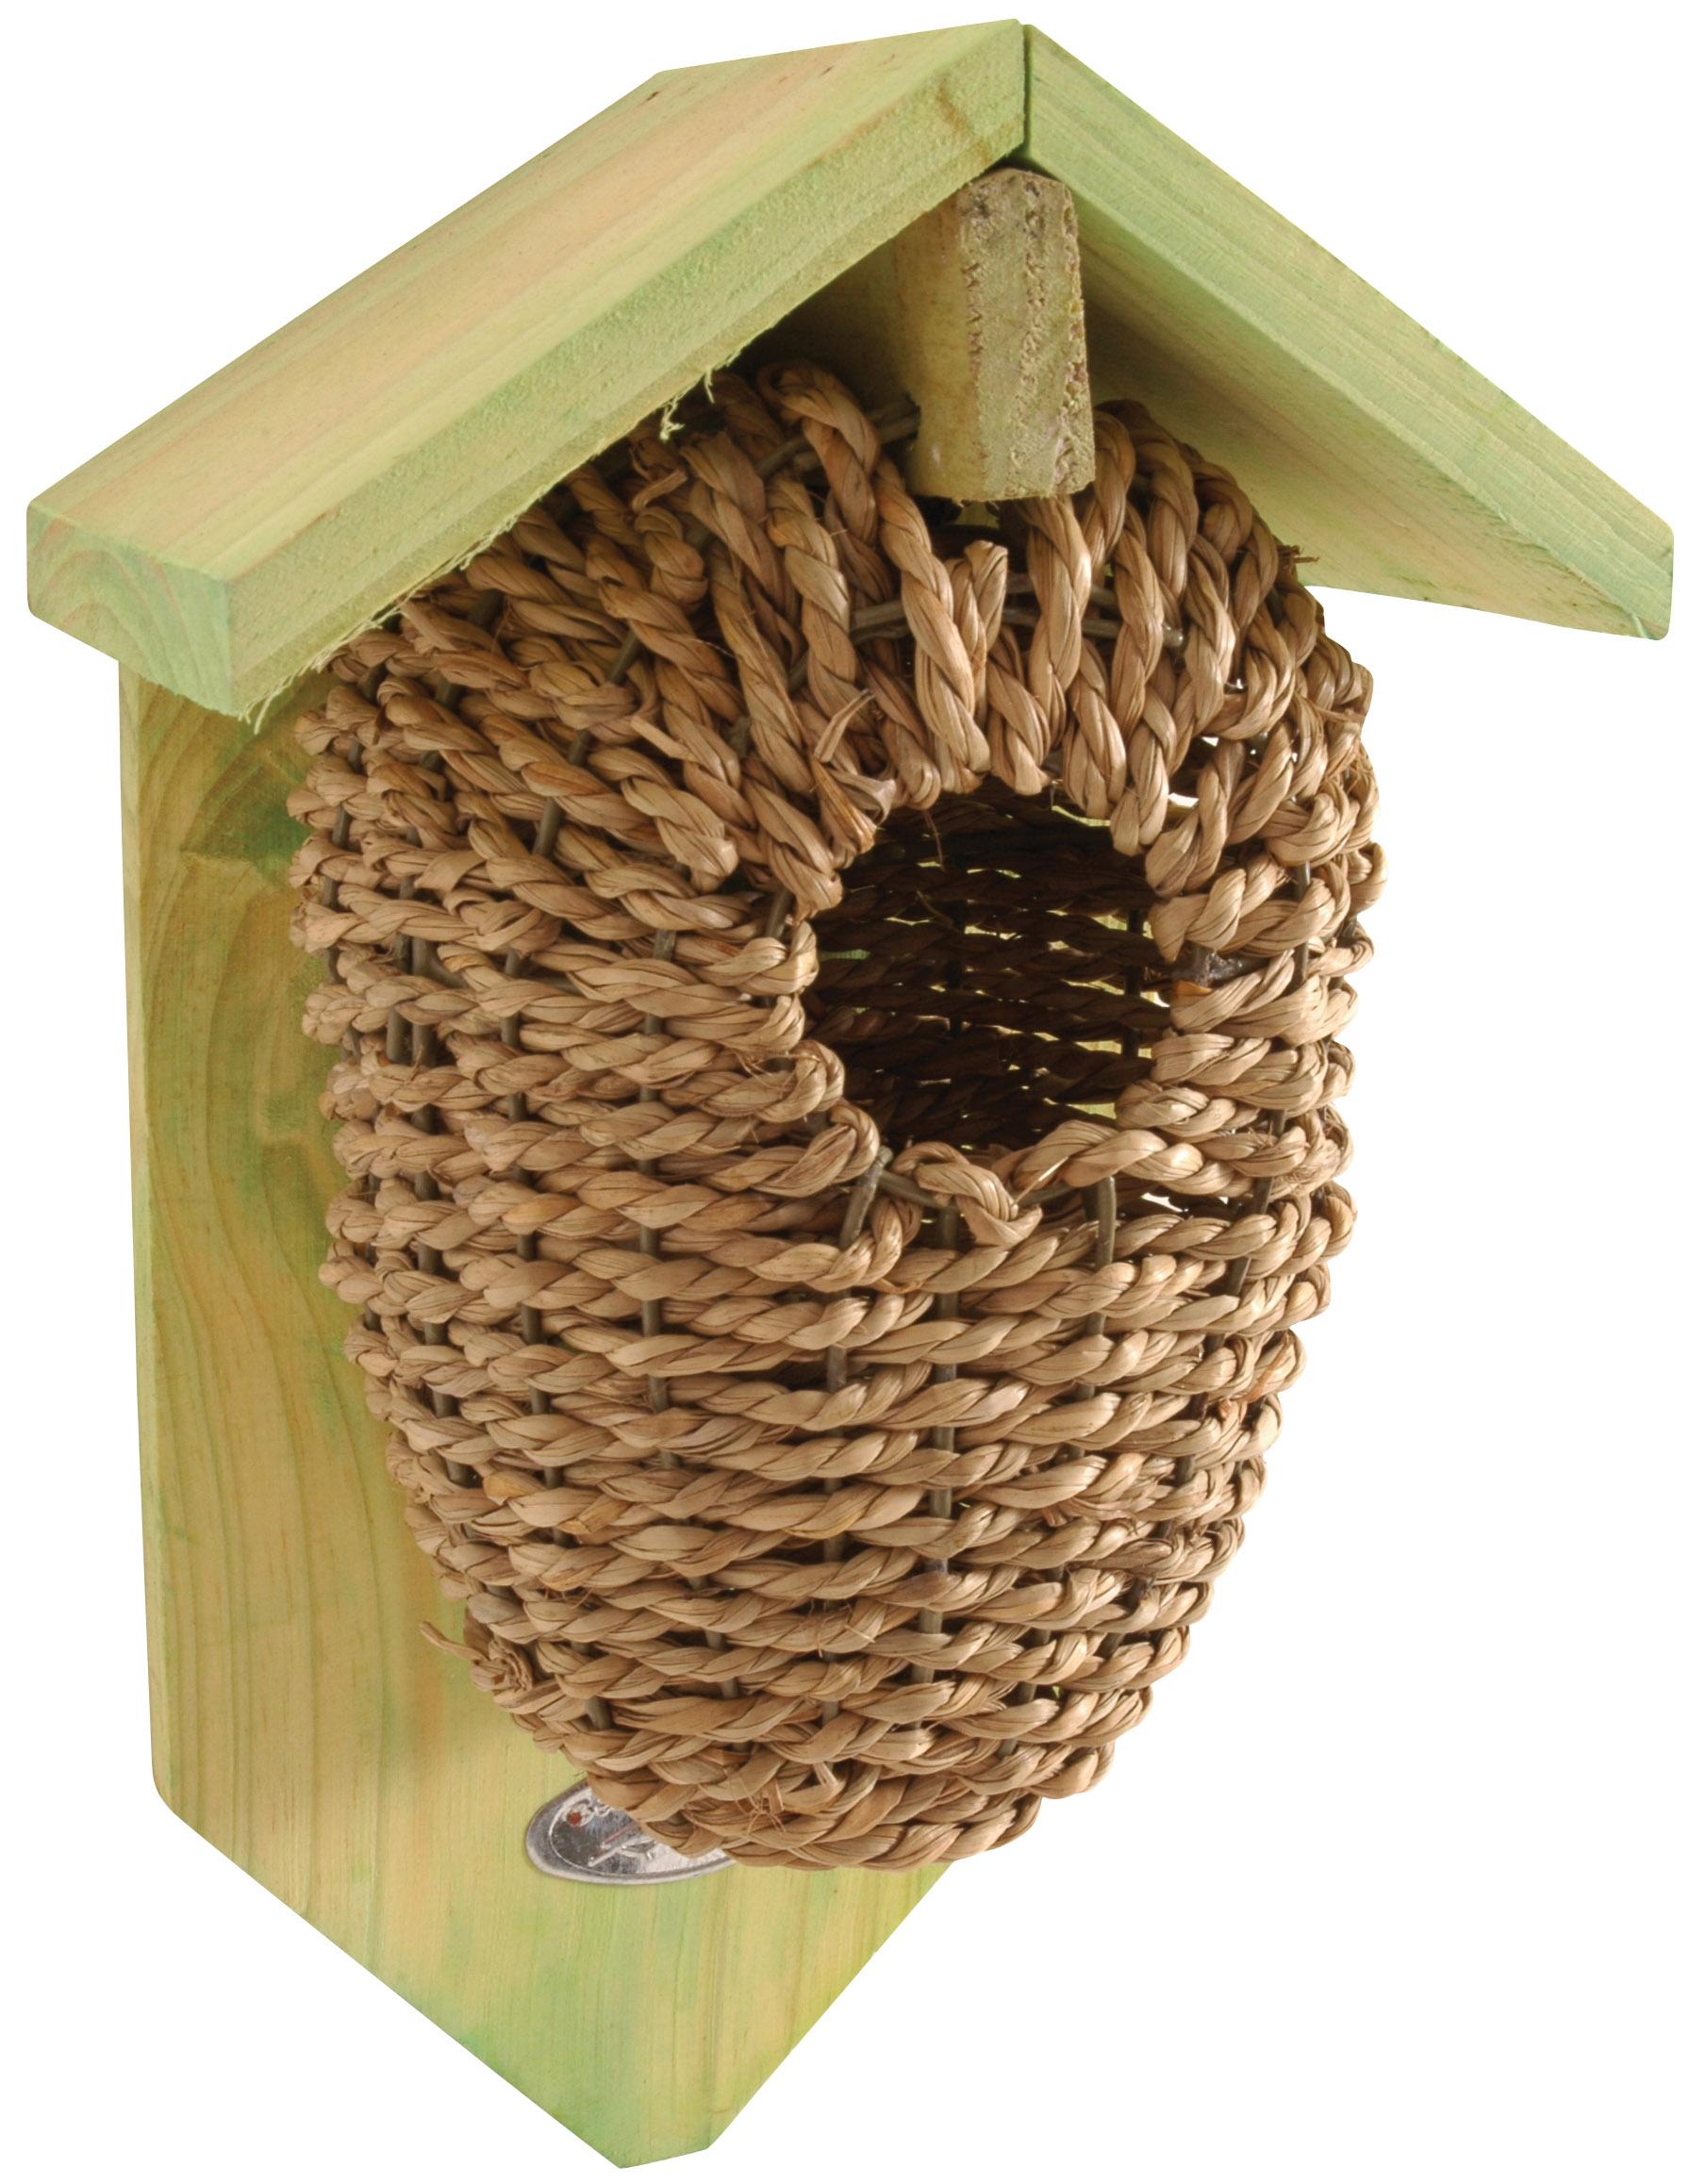 Nestbeutel Seegras Zaunkonig Vogel Und Naturschutzprodukte